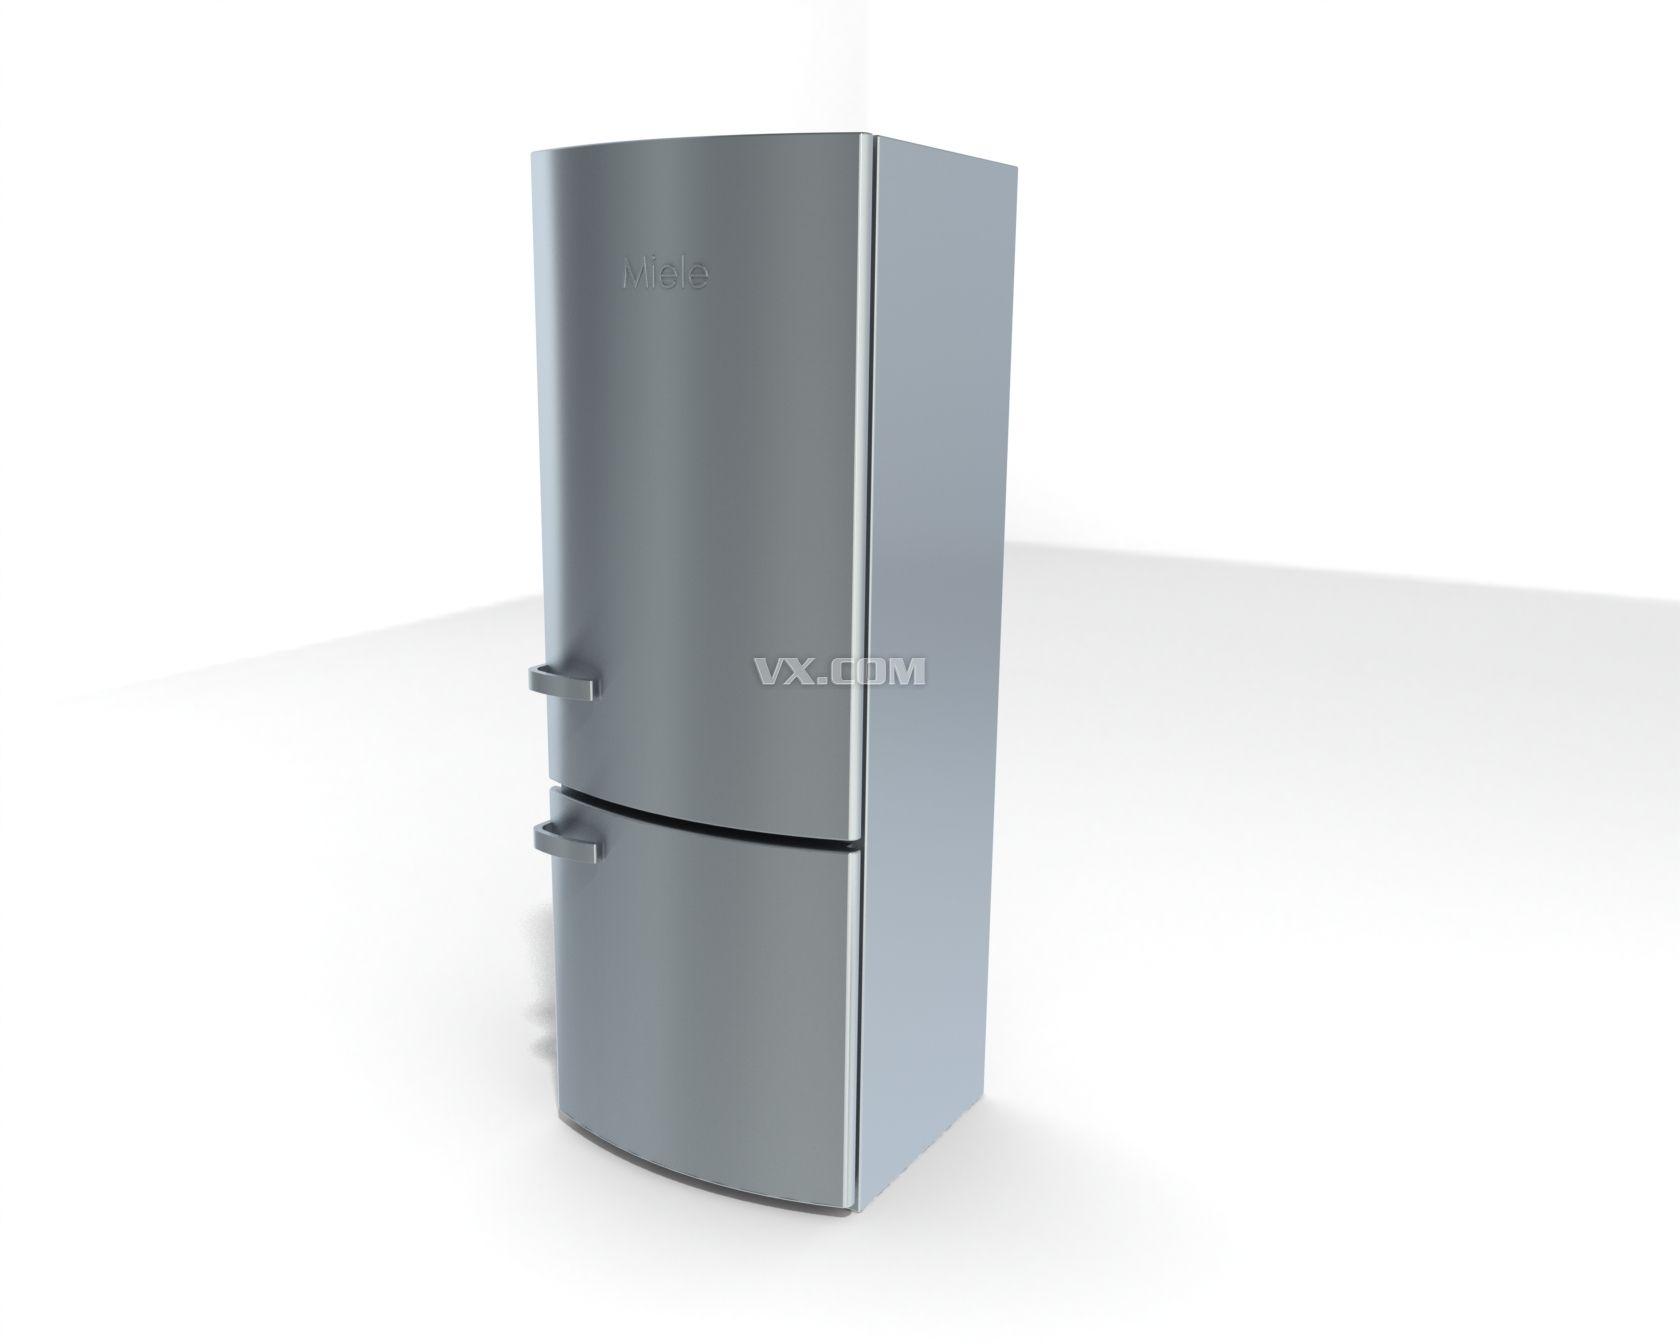 电冰箱_rendering_家用电器_3d模型_图纸下载_微小网